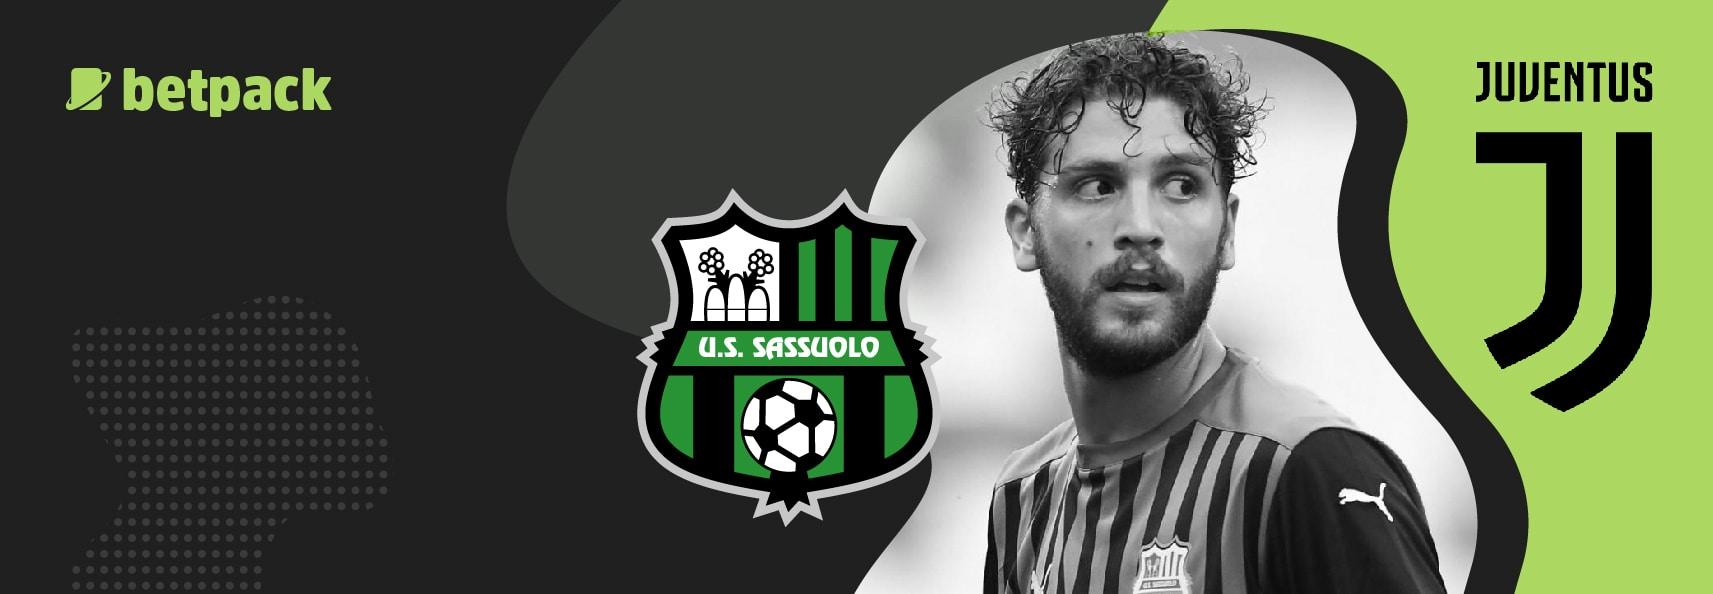 Manuel Locatelli signs for Juventus